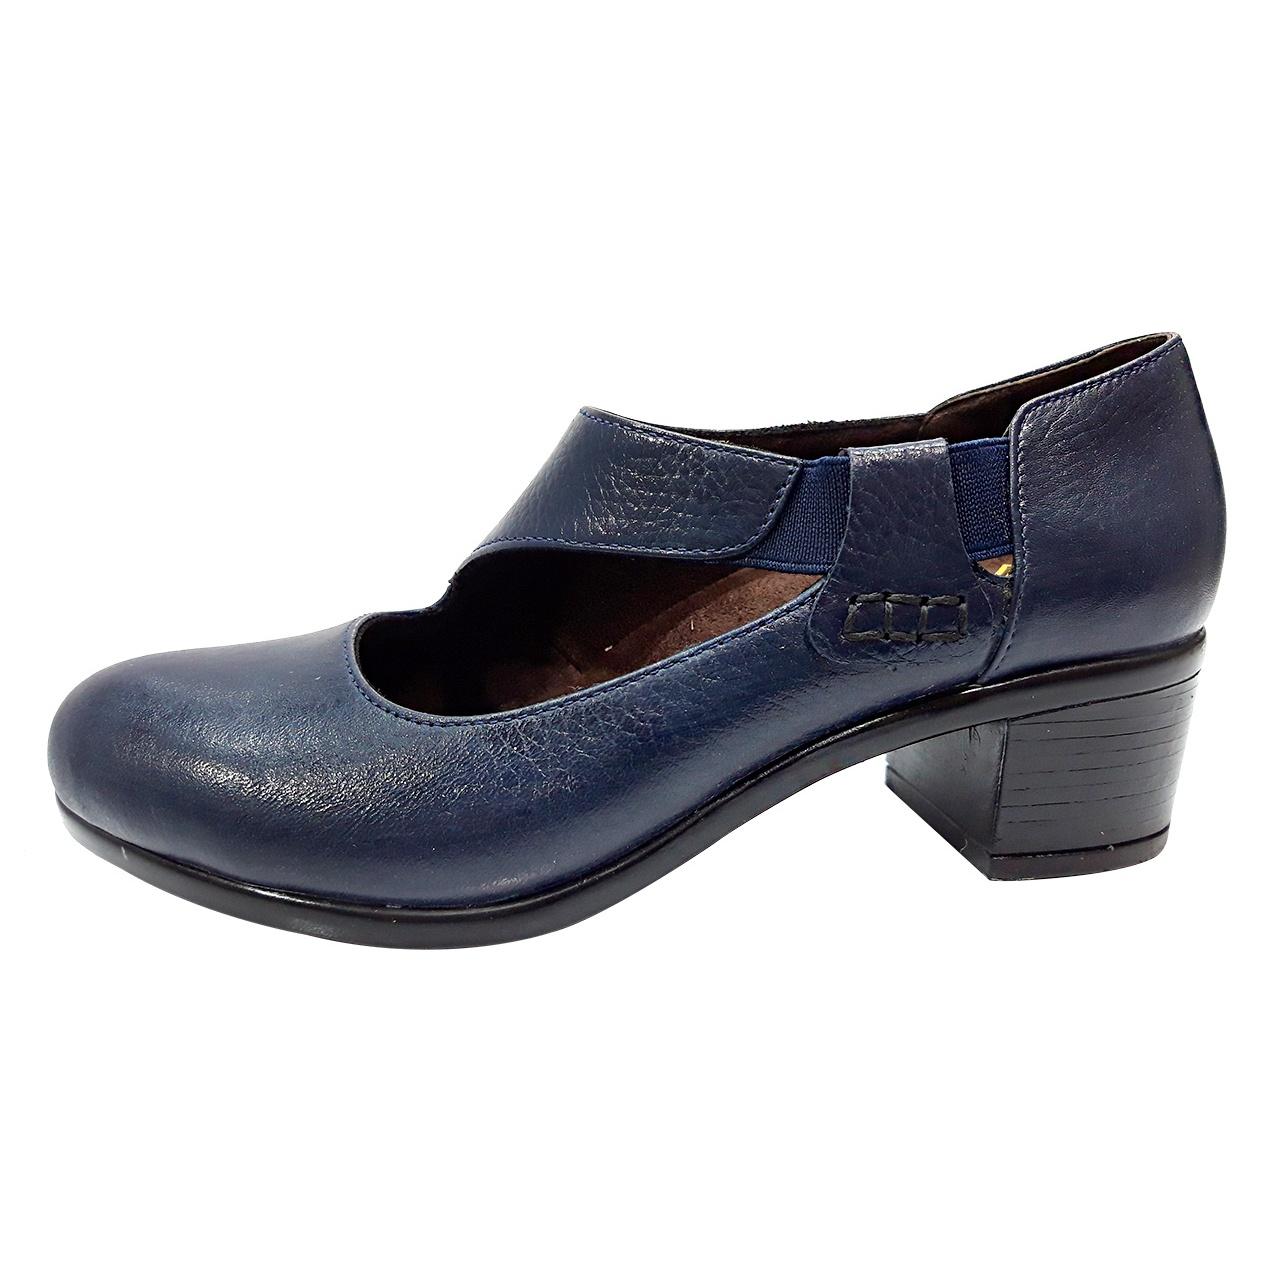 کفش زنانه روشن مدل 02-2075              (قیمت و عکس)